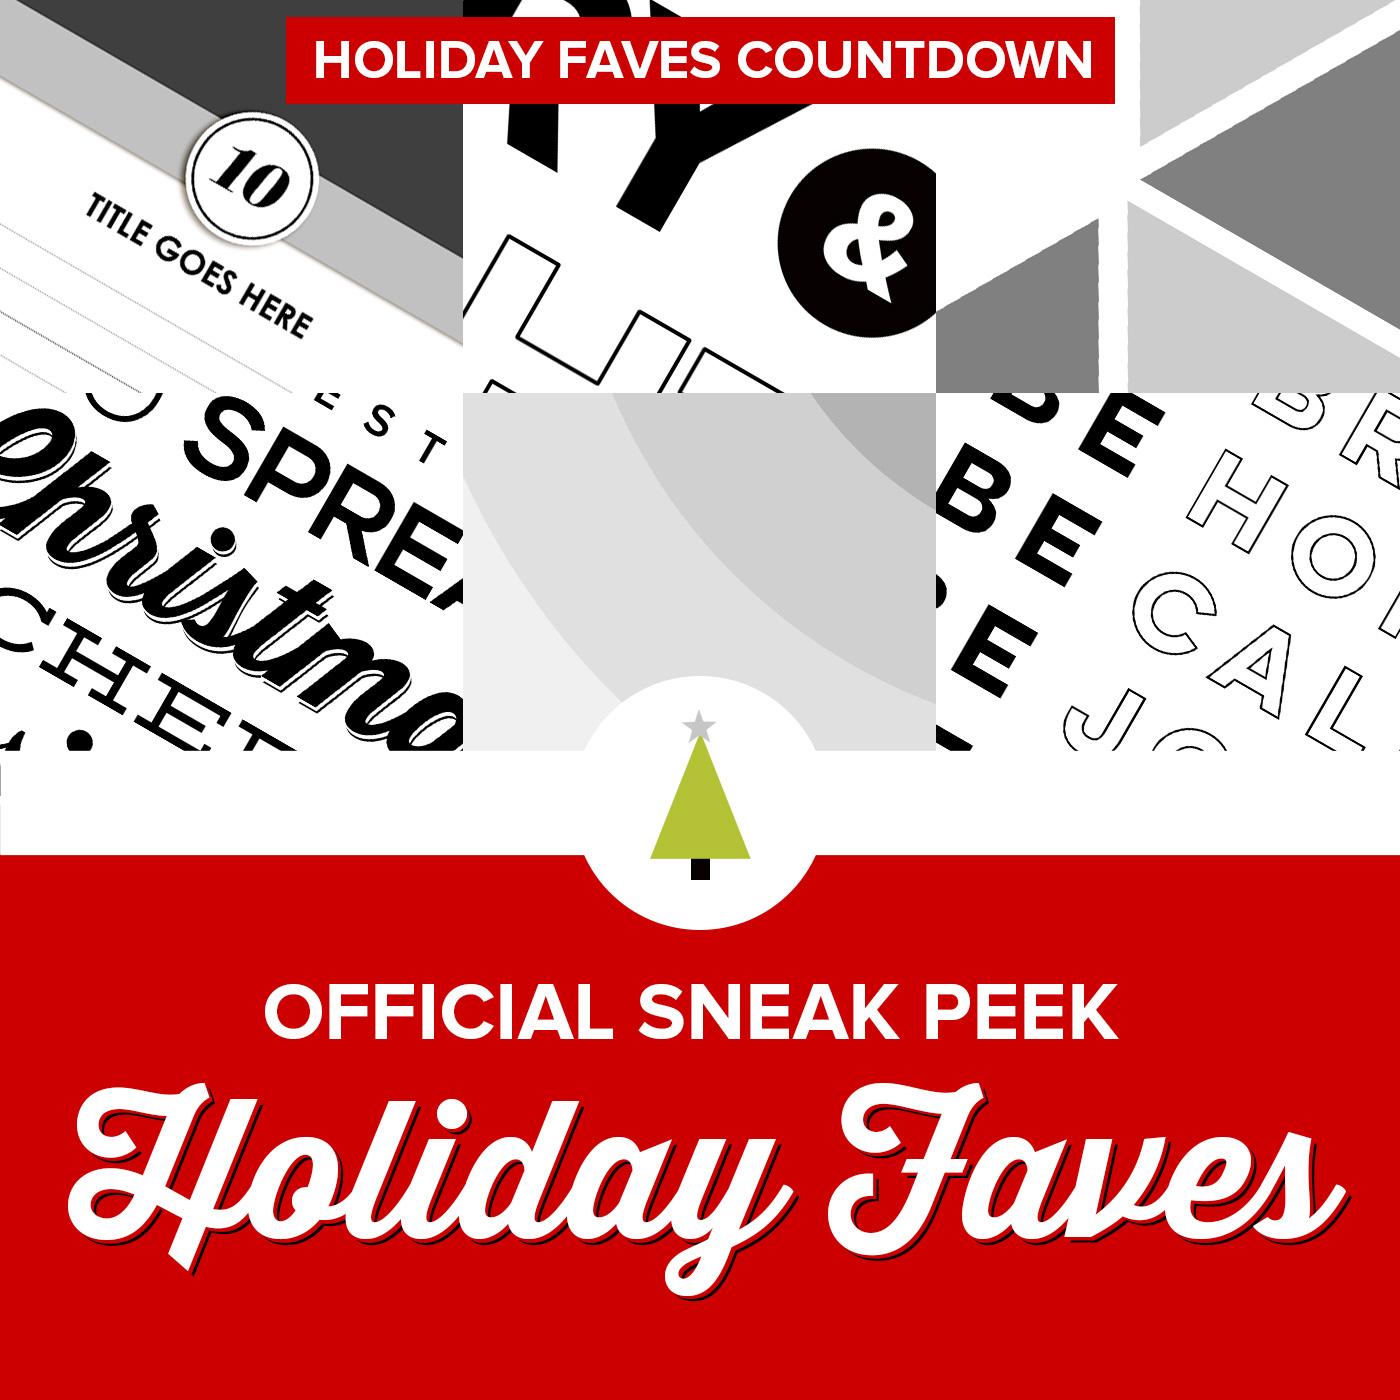 nettiodesigns_HolidayFaves-SneakPeek